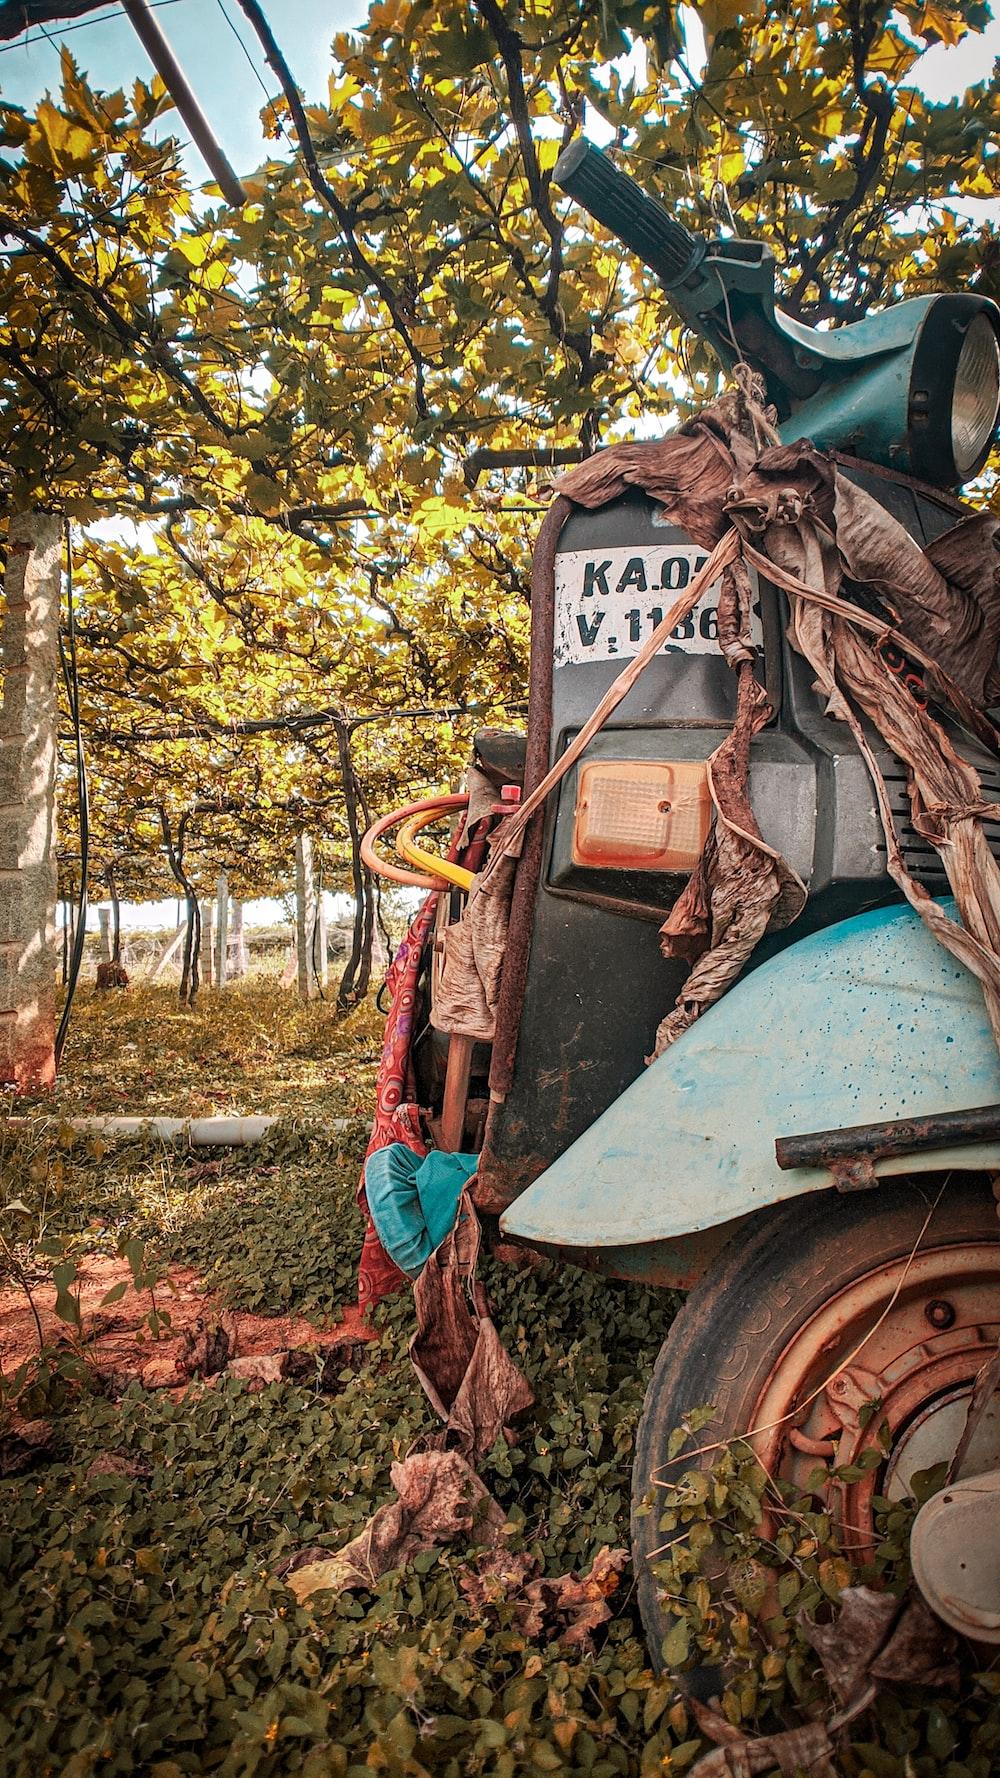 tractor in garden